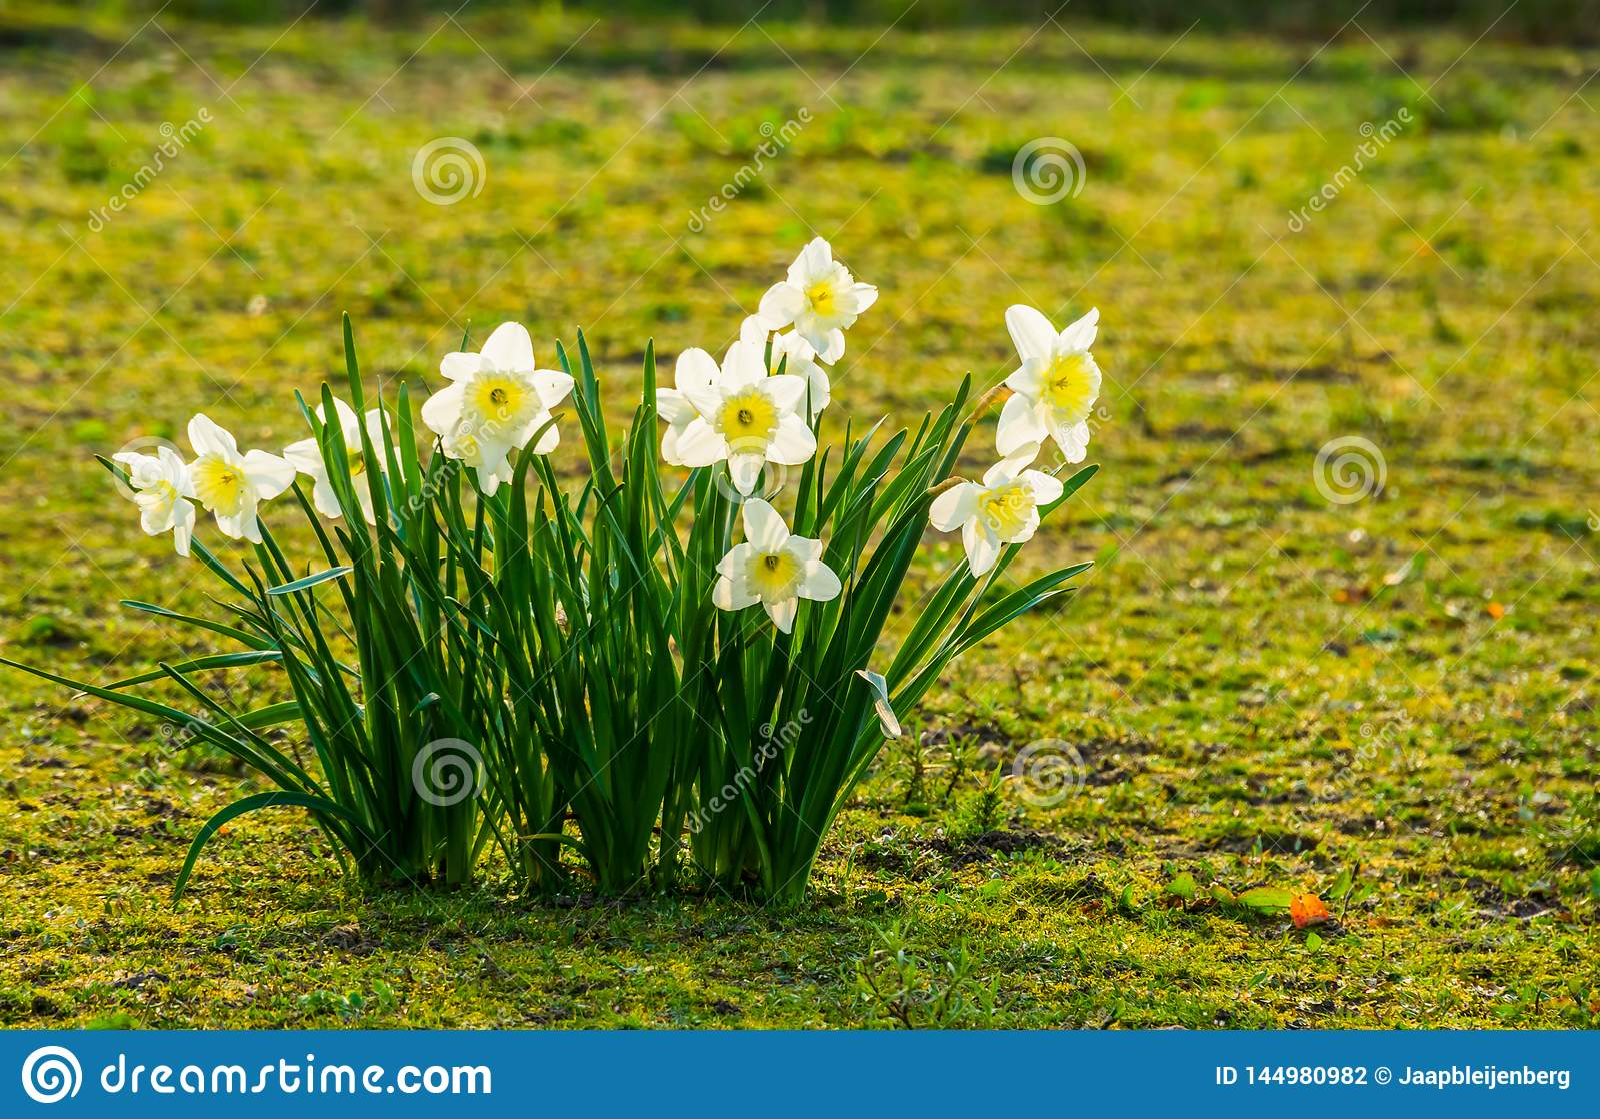 Gruppe Weiße Narzissen In Der Blüte Populäre